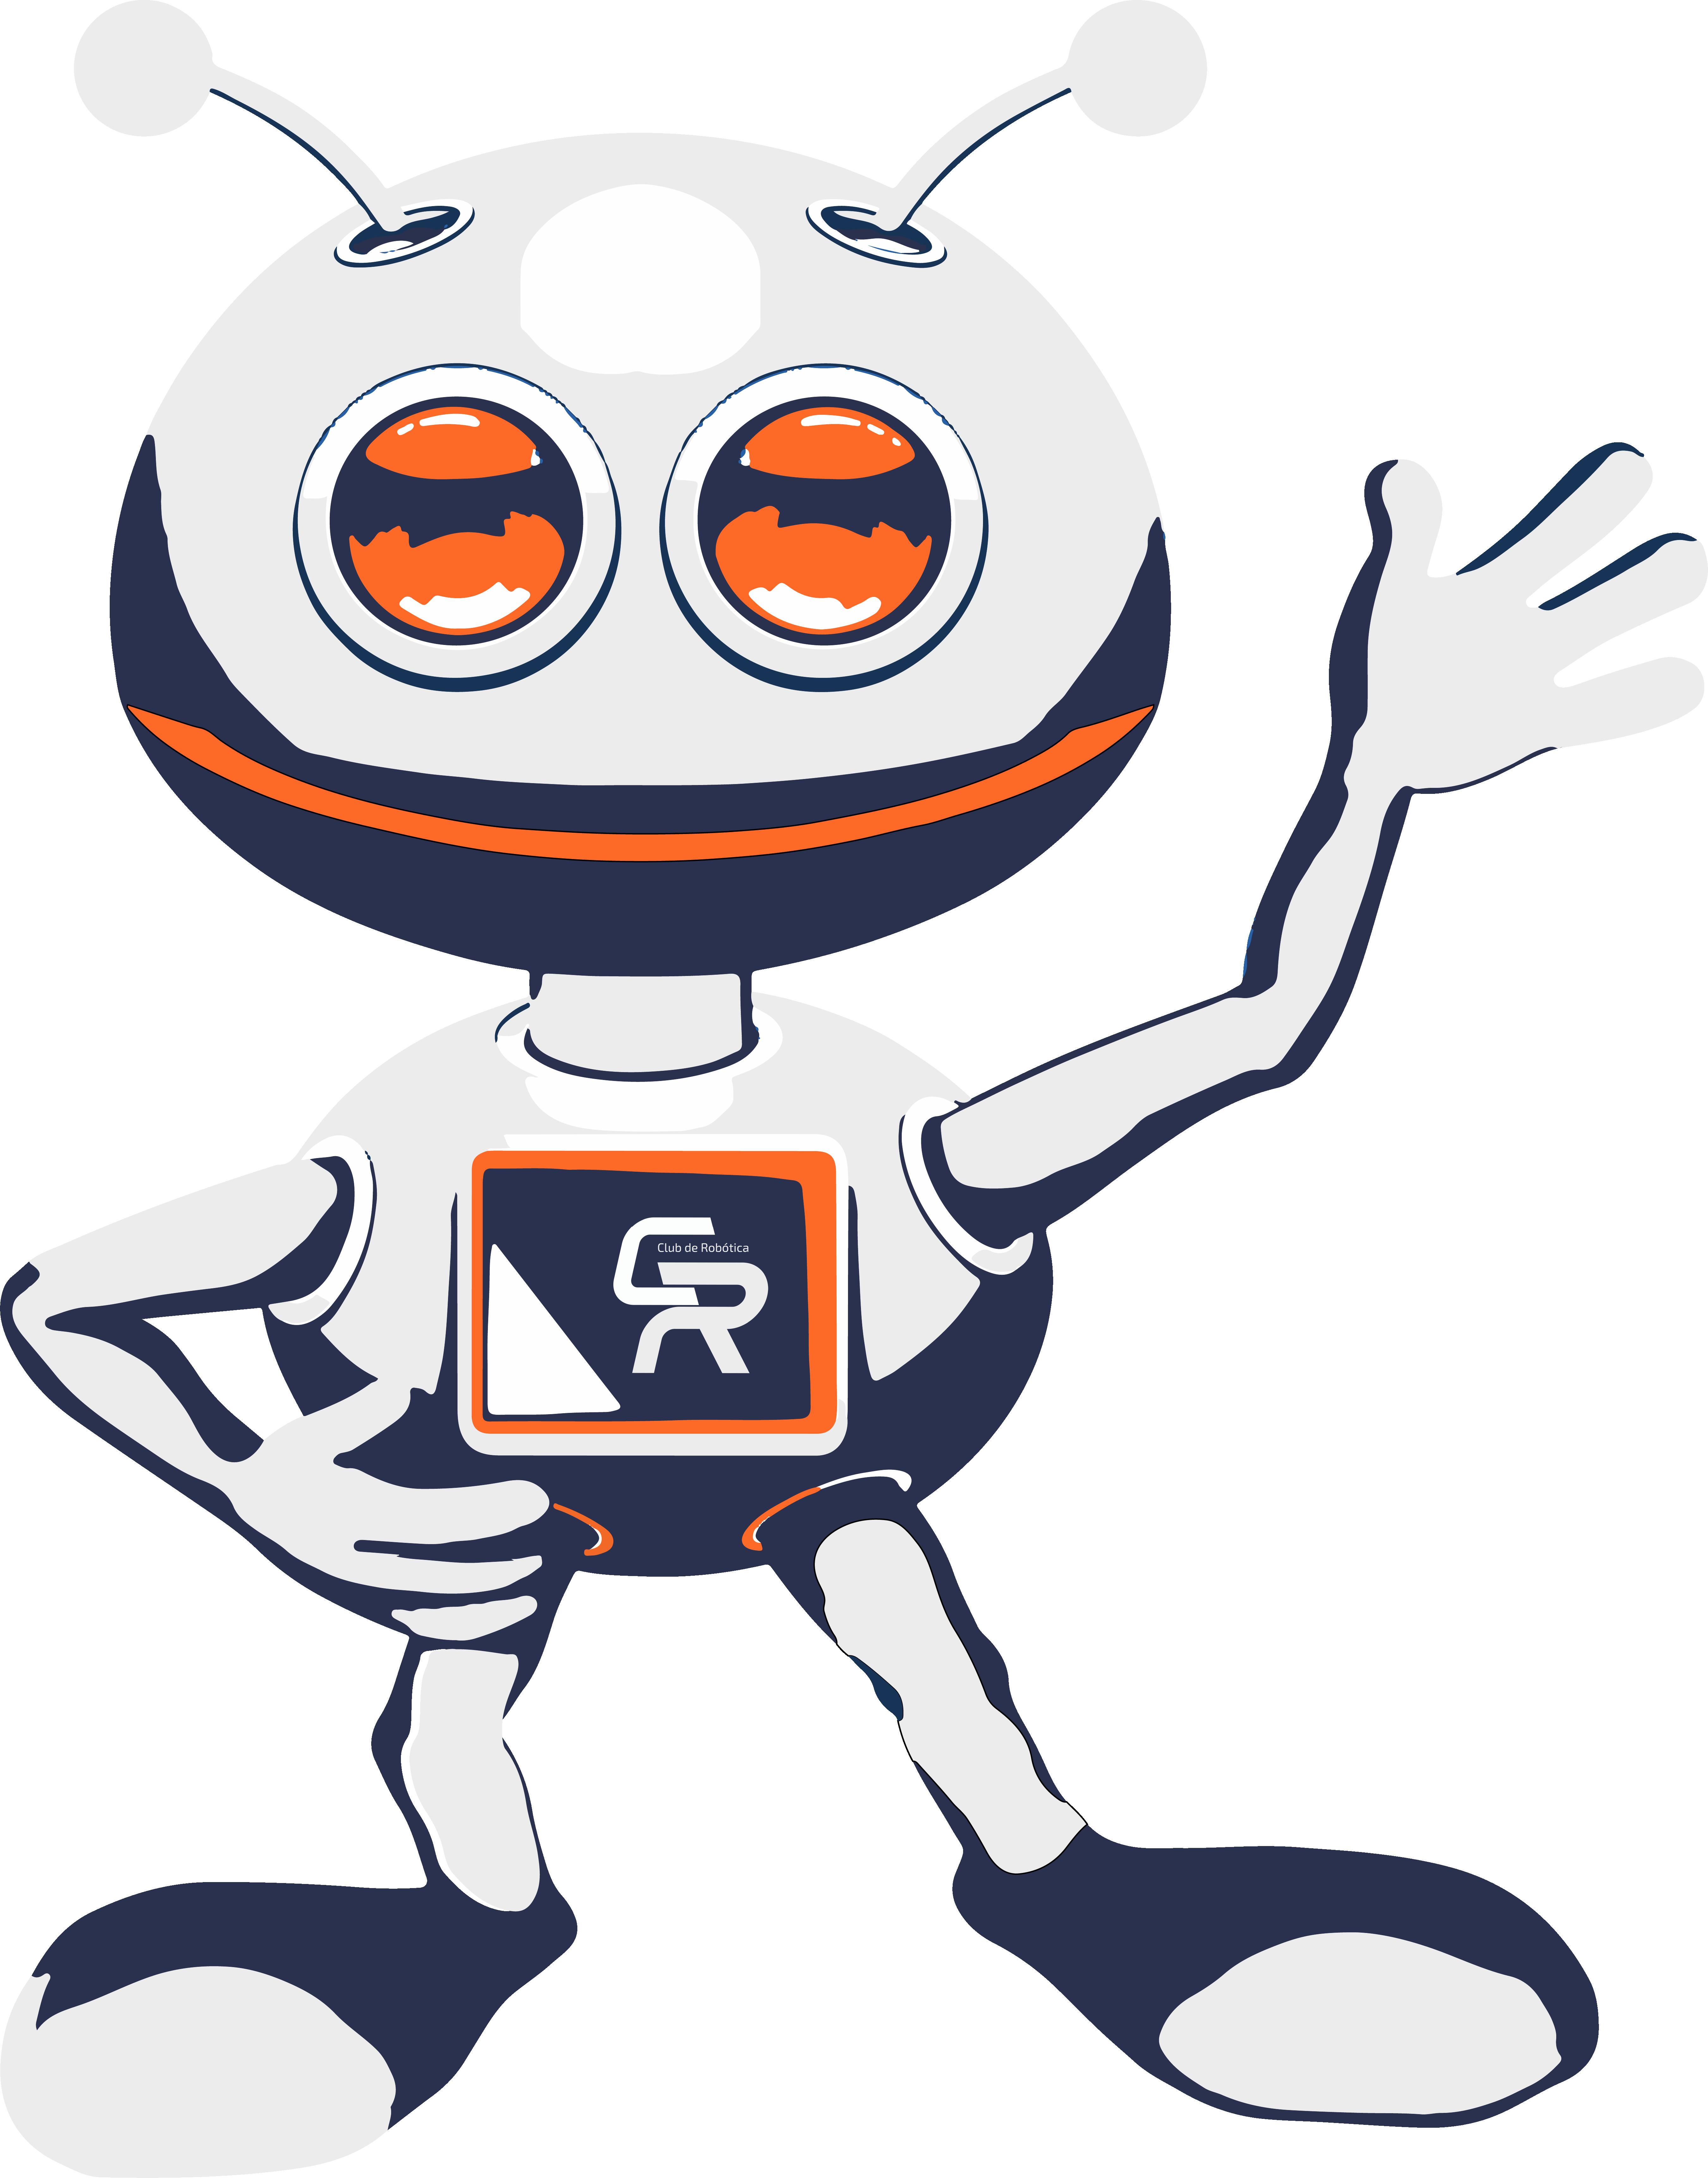 club de robótica y desarrollo de videojuegos